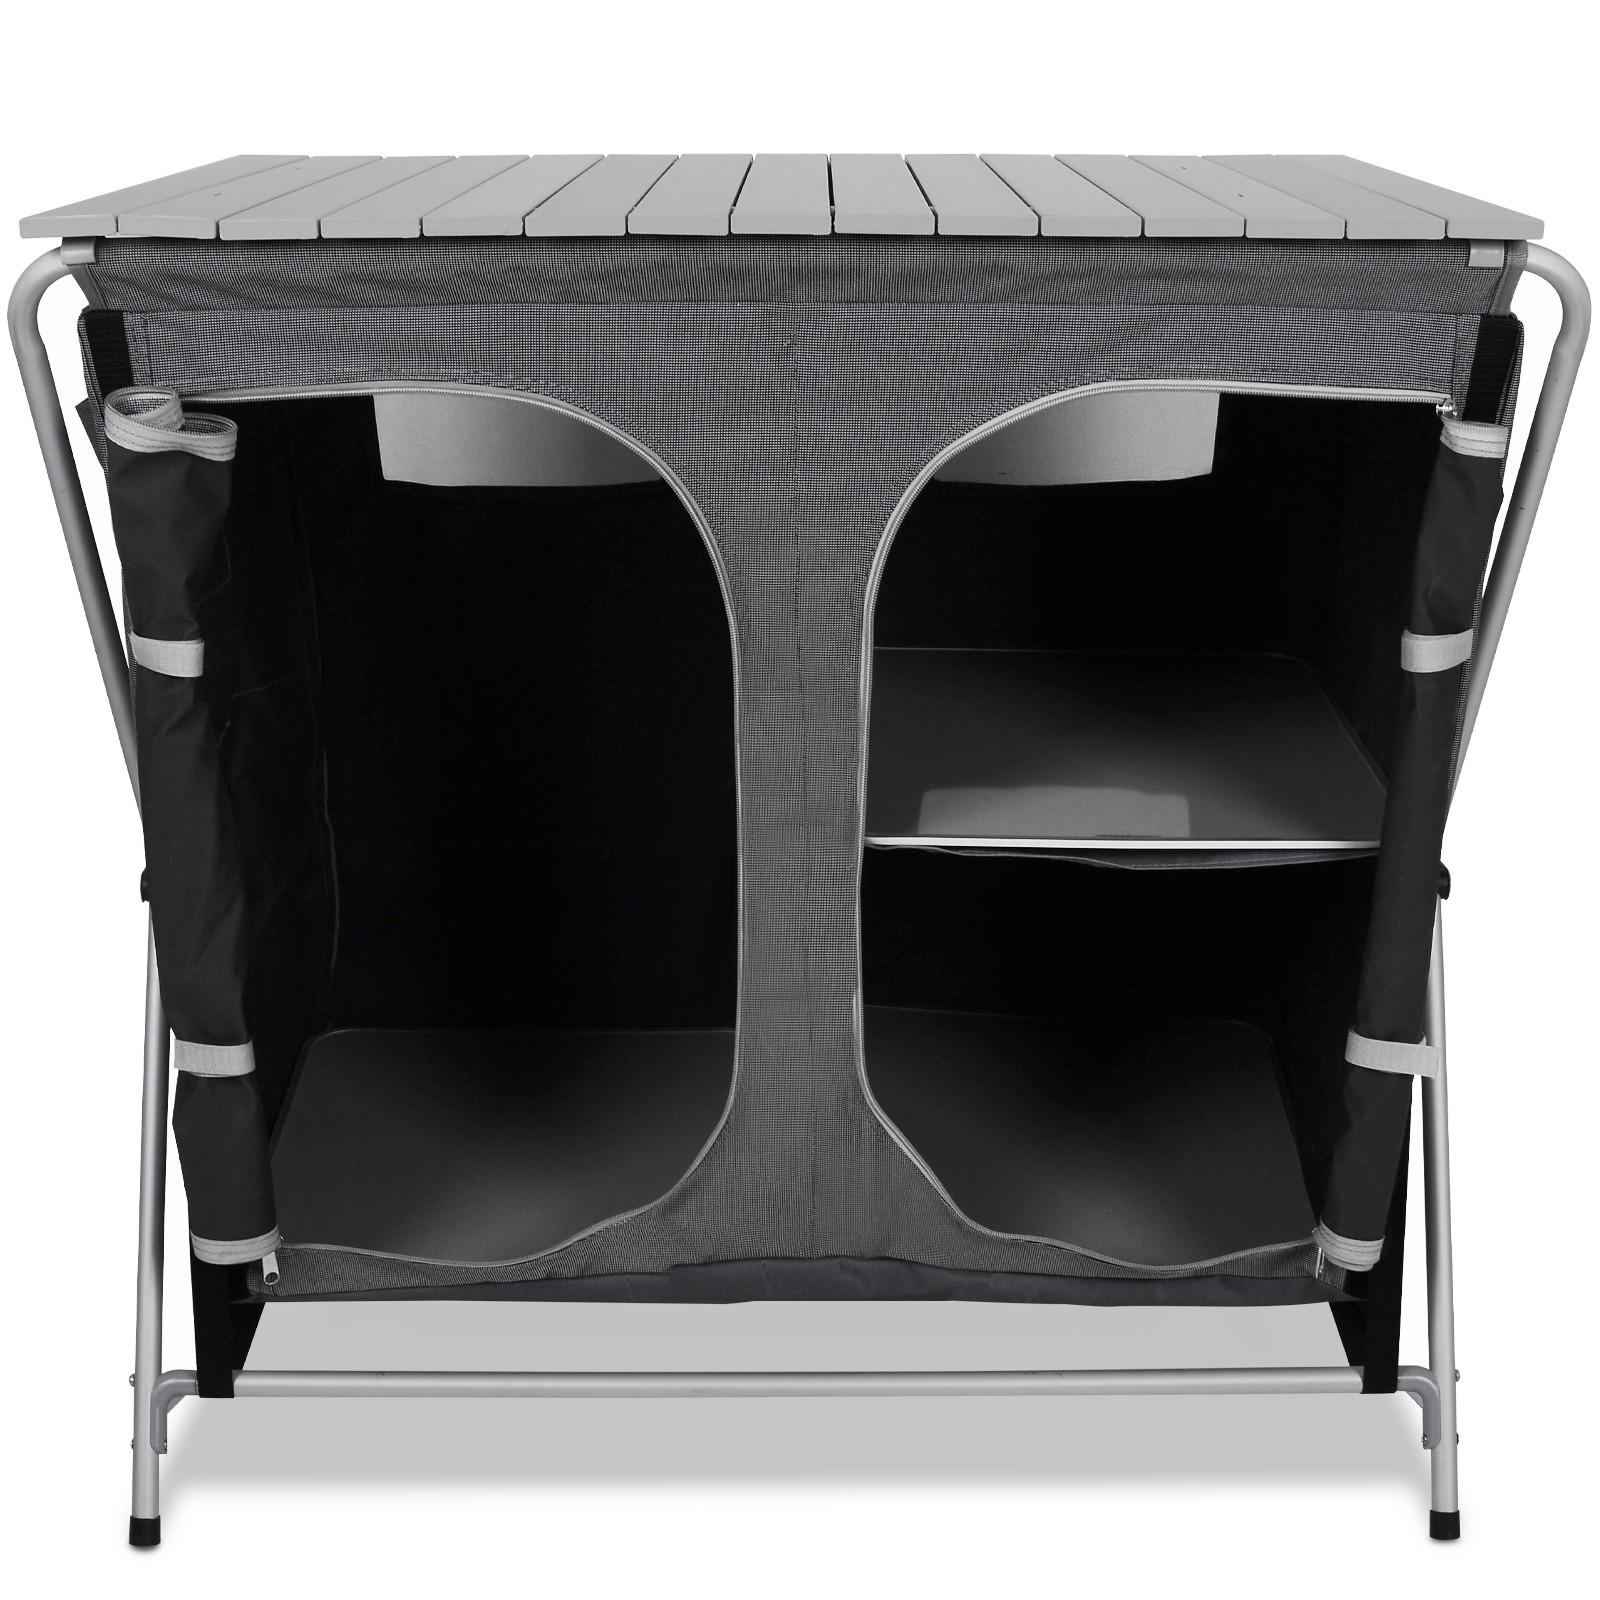 Detalles de Cocina Camping Plegable Paravientos Armario Mueble  Compartimentos Aluminio